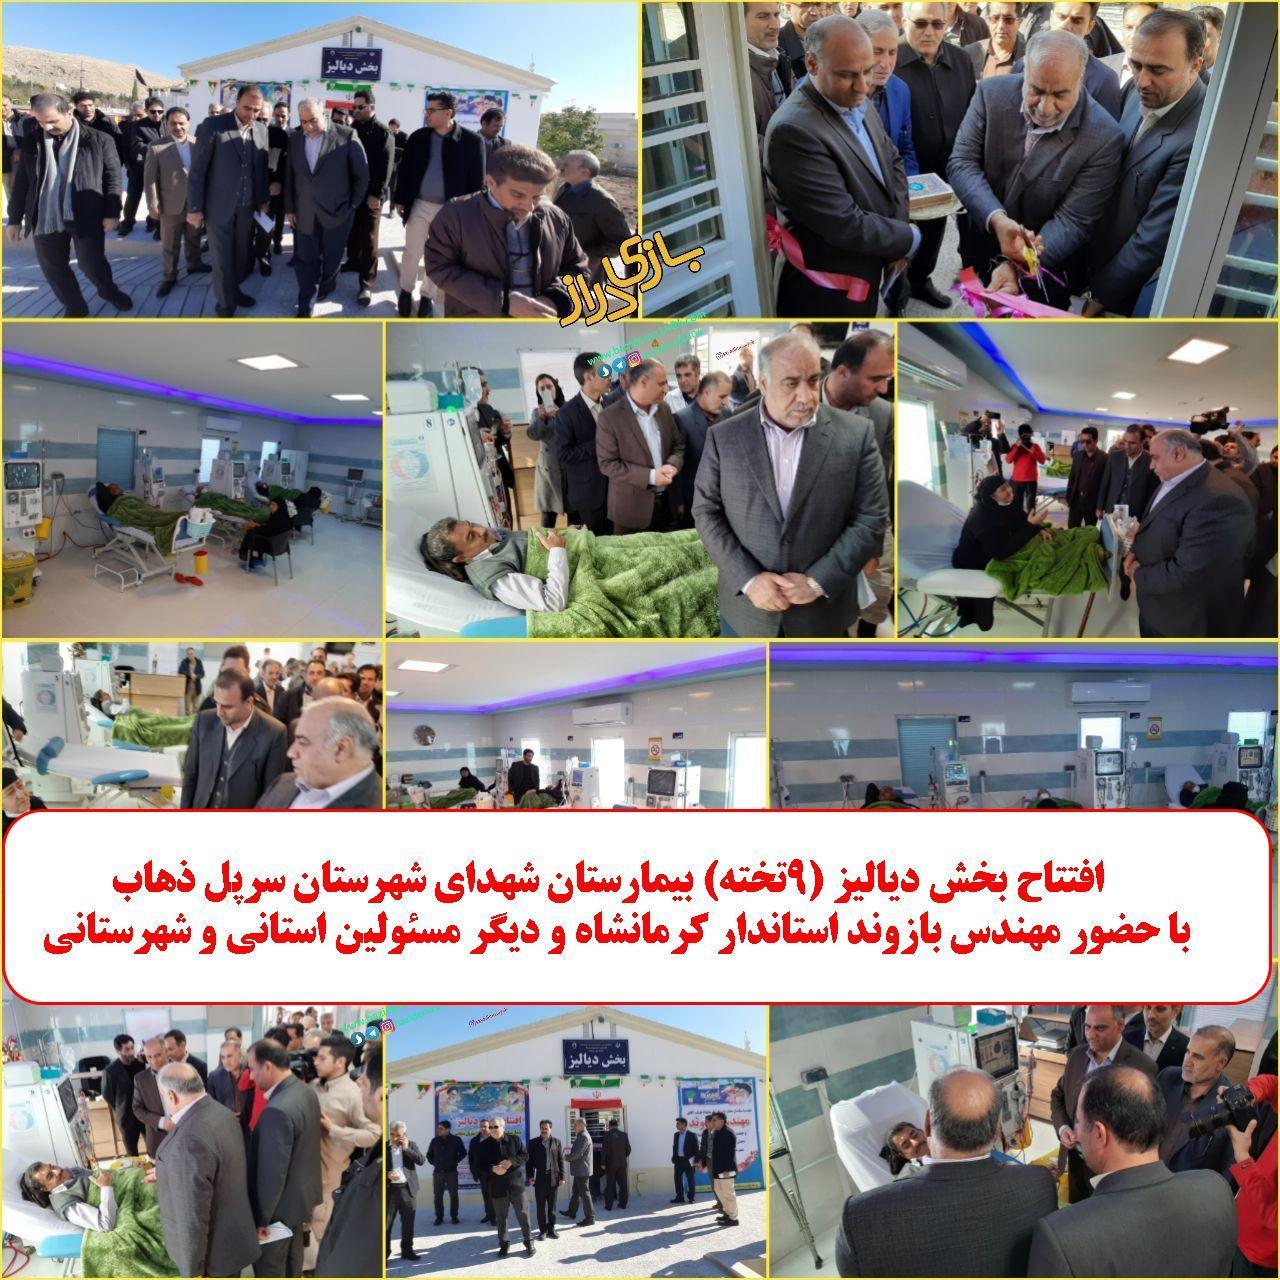 افتتاح بخش دیالیز بیمارستان شهدای سرپل ذهاب در سومین روز از دهه فجر انقلاب اسلامی